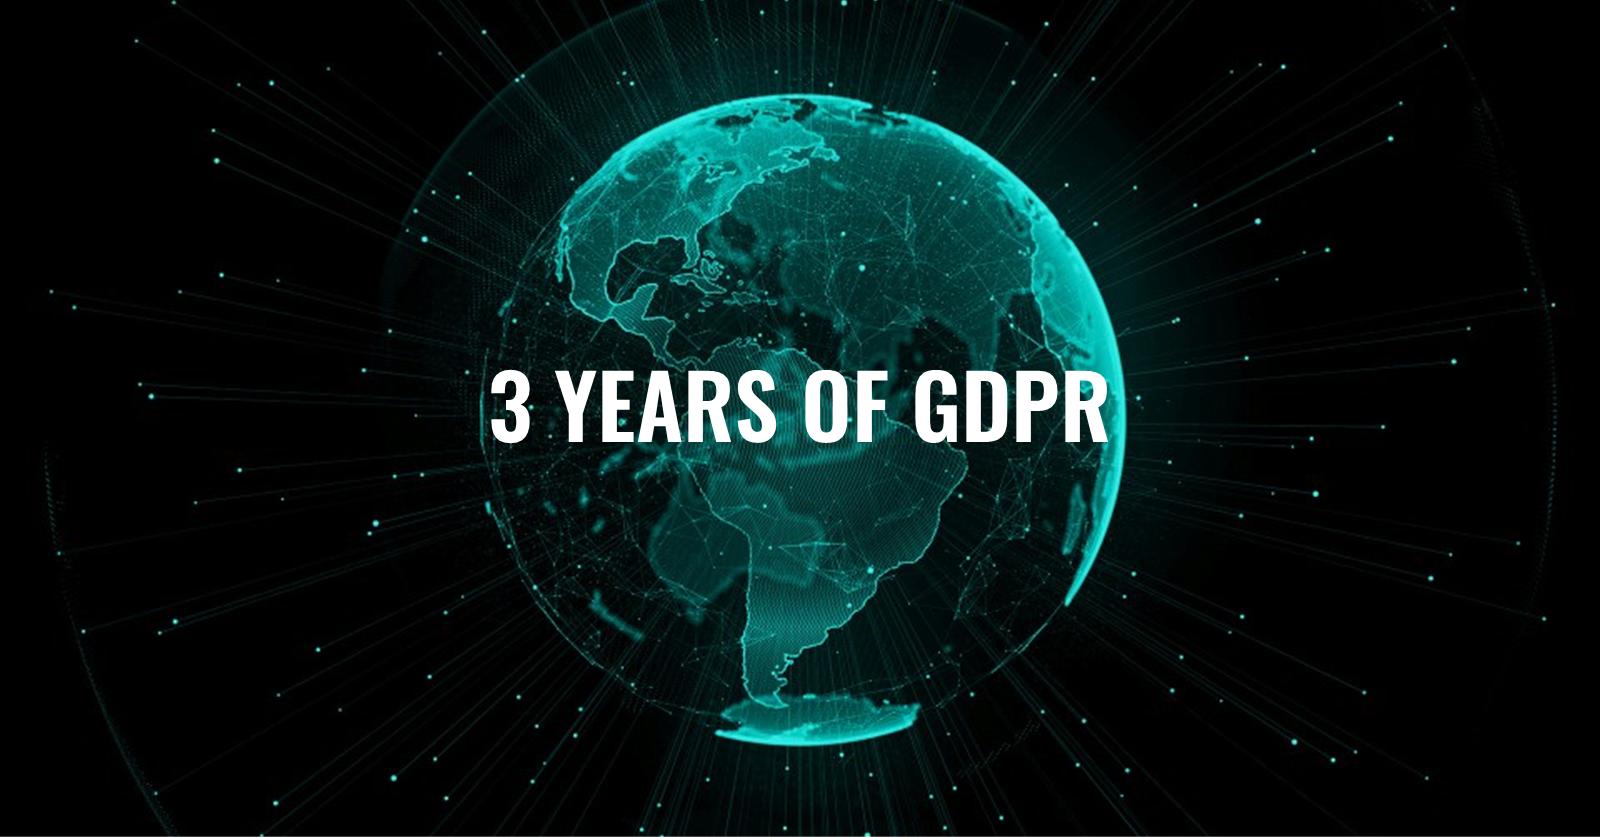 Happy Birthday, GDPR!